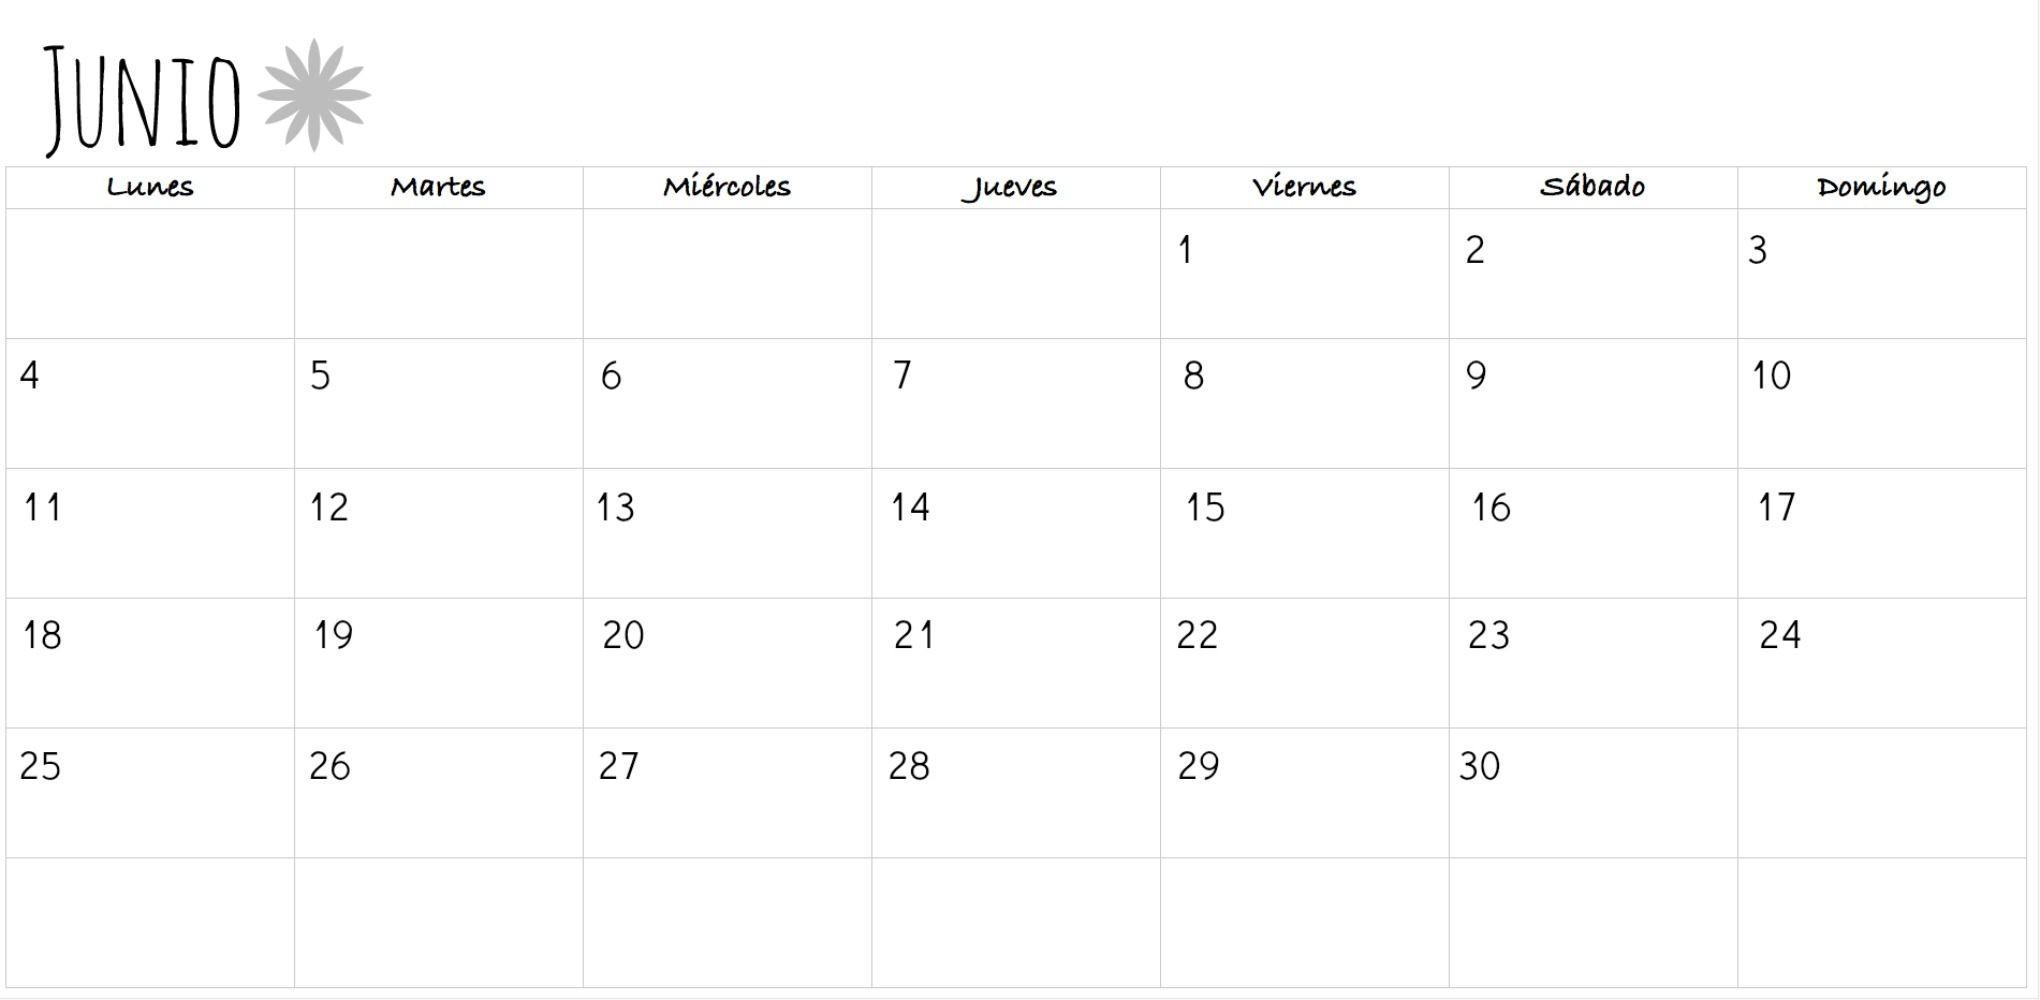 Calendario Para Imprimir 2017 Diciembre Recientes Mejores 50 Imágenes De Calendarios Y organizadores En Pinterest Of Calendario Para Imprimir 2017 Diciembre Más Populares Genine Delahaye Fondos